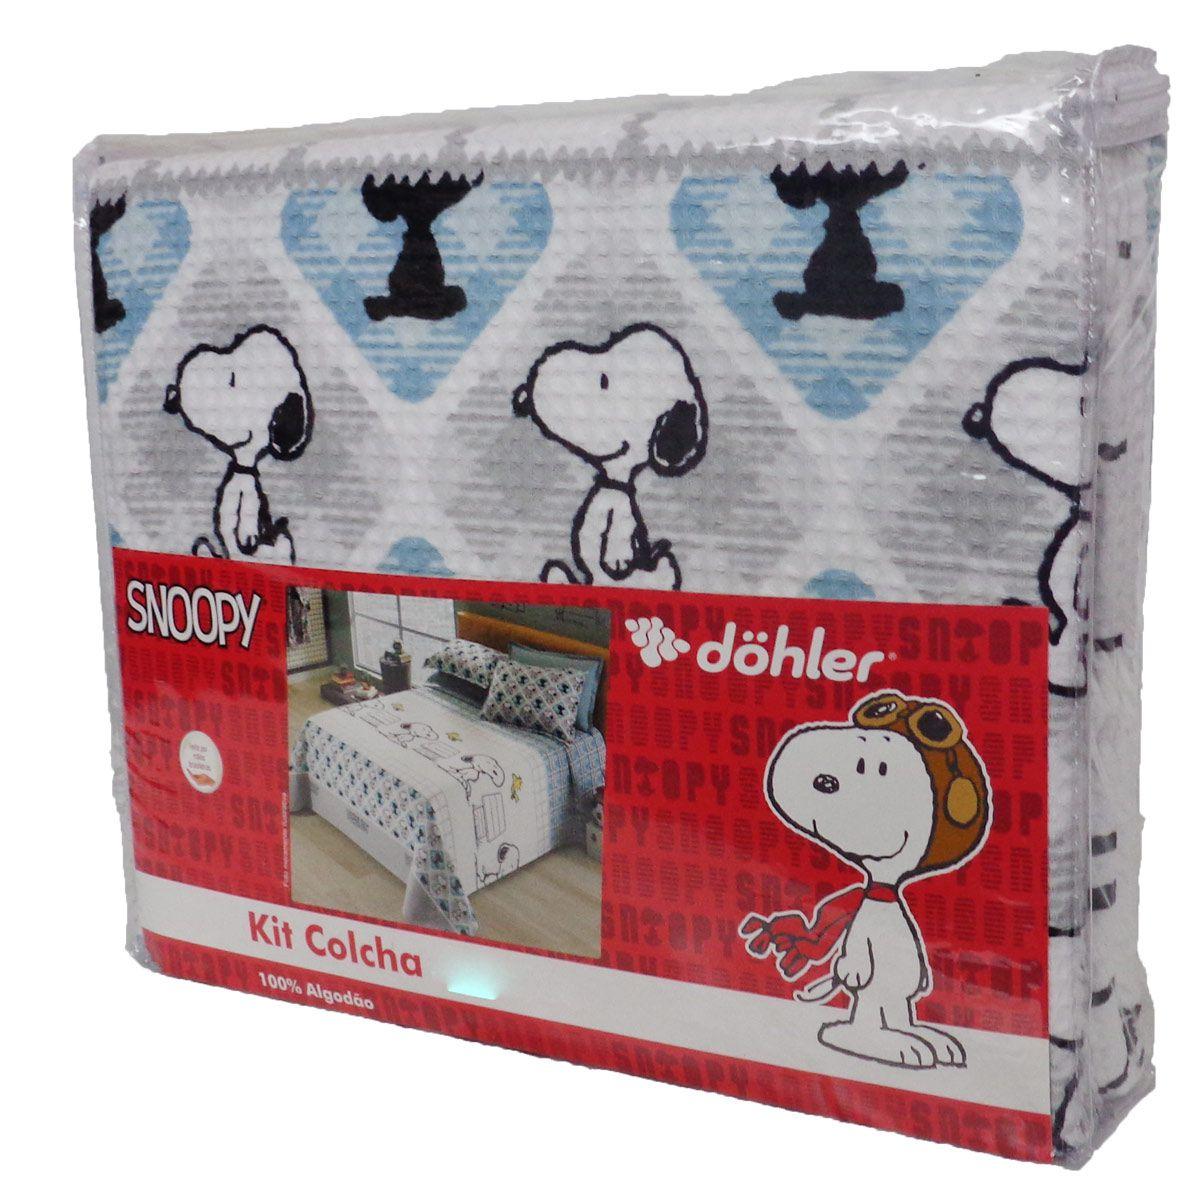 Kit Colcha Casal Piquet Snoopy 3 Peças Algodão Dohler